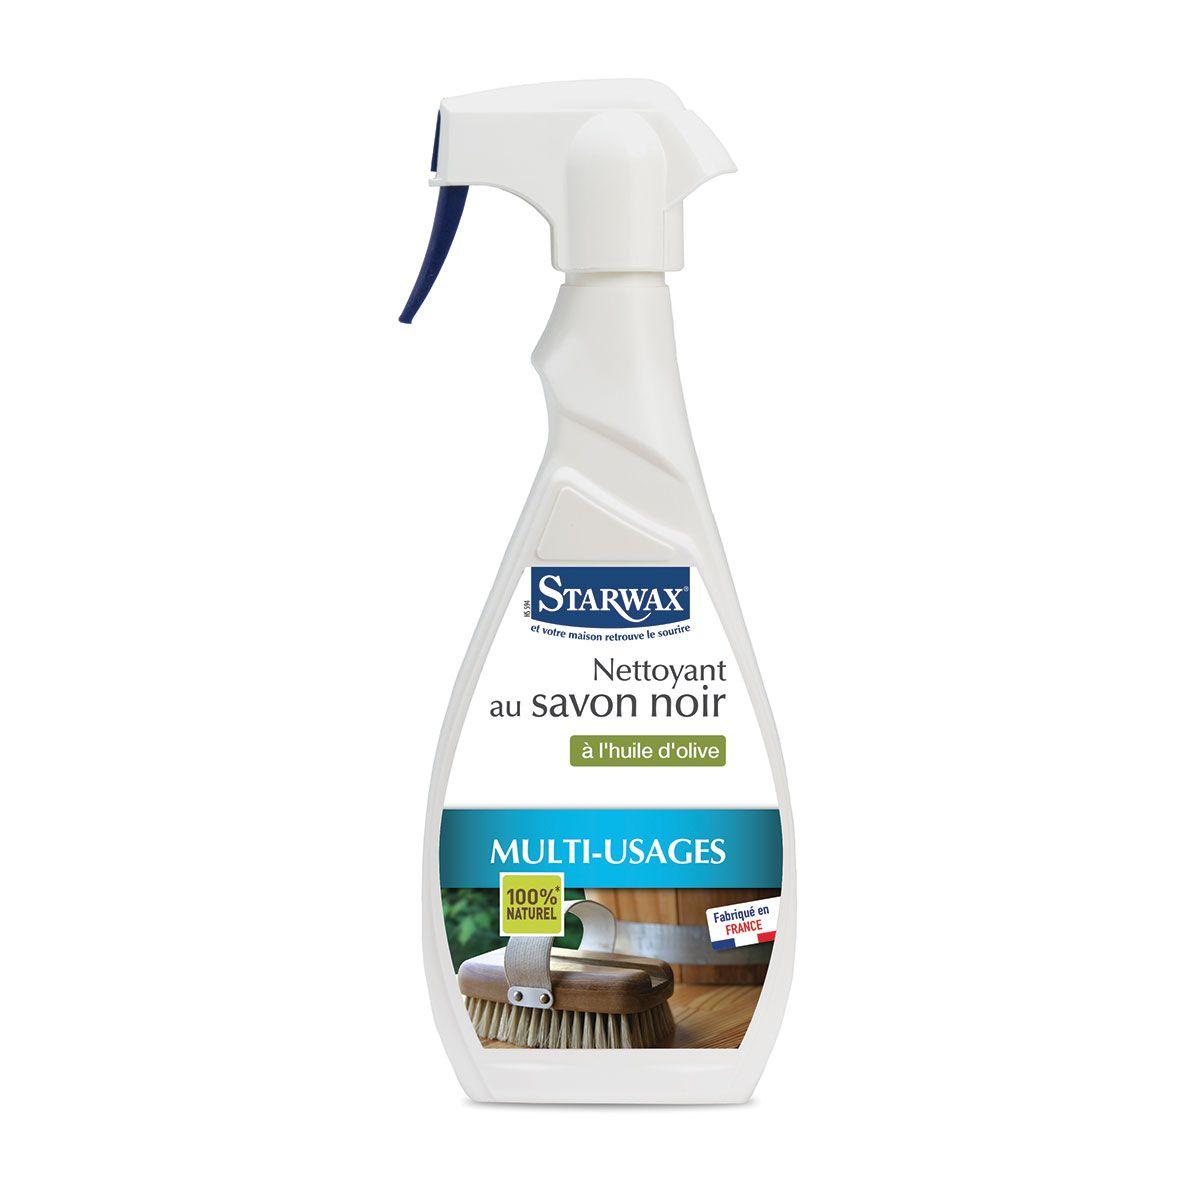 Nettoyant savon-noir- Starwax